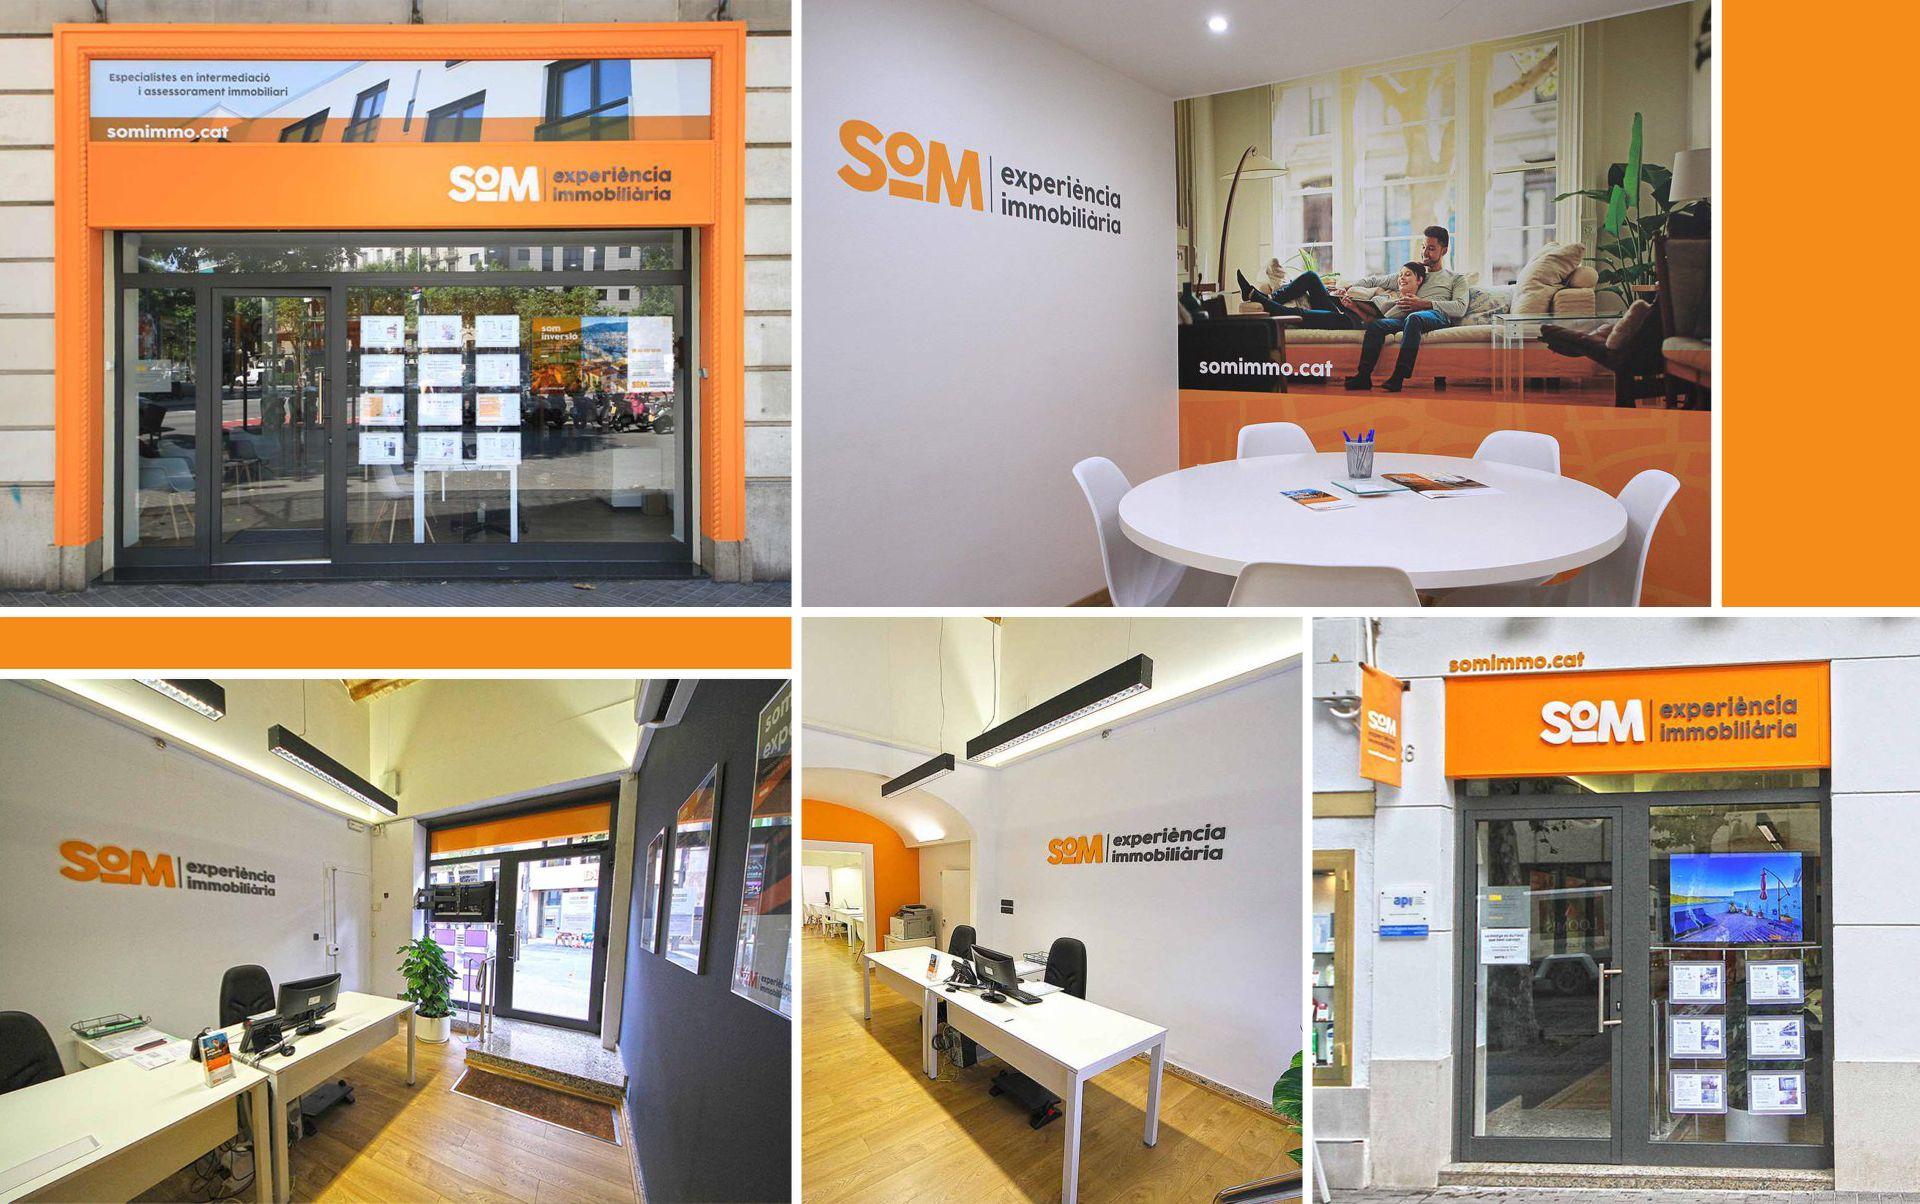 inmobiliaria barcelona rotulacion - Naming, branding, registro de marca, aplicaciones de marca...